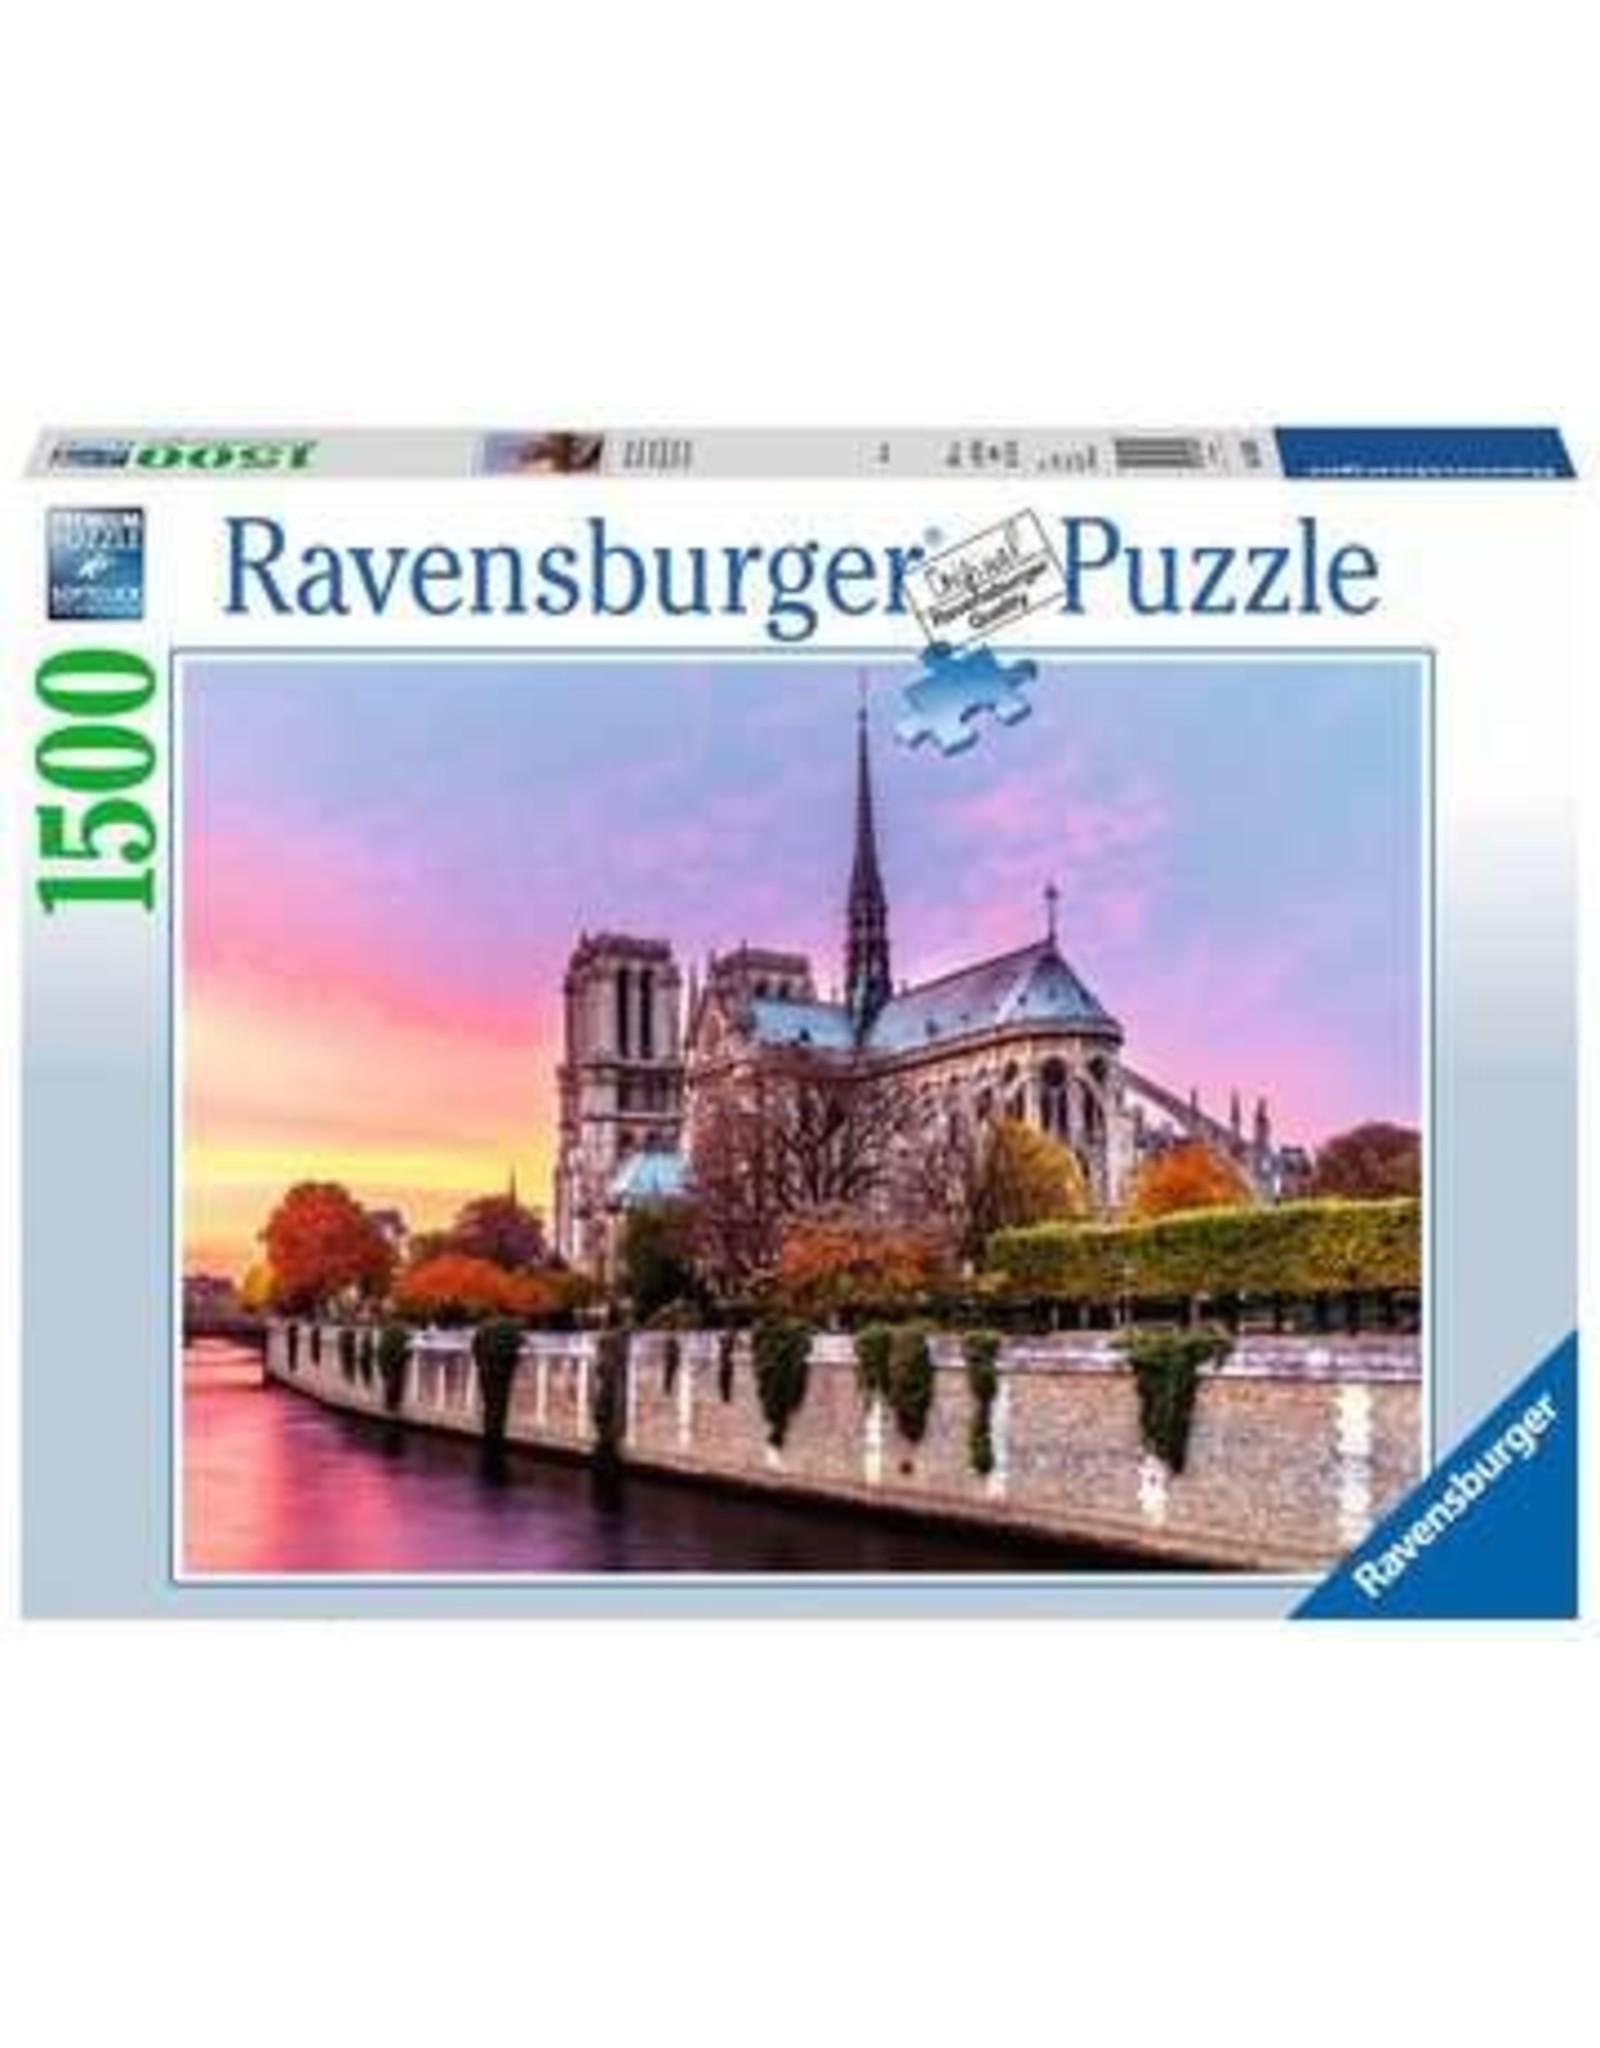 Ravensburger Picturesque Notre Dame